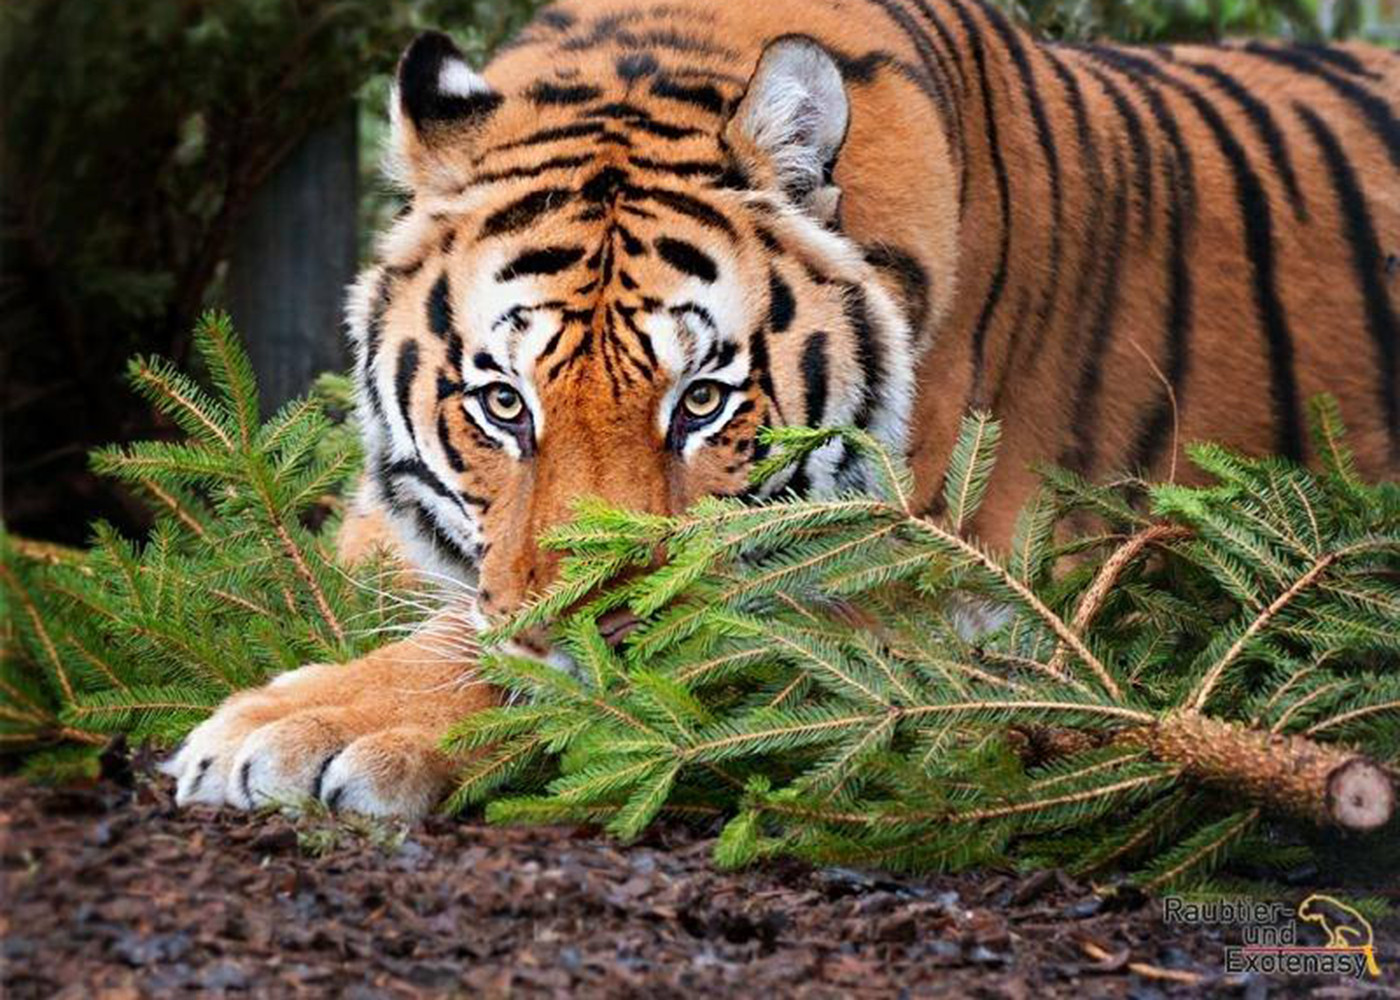 Christbäume Für Die Tiger Im Ansbacher Raubtierasyl